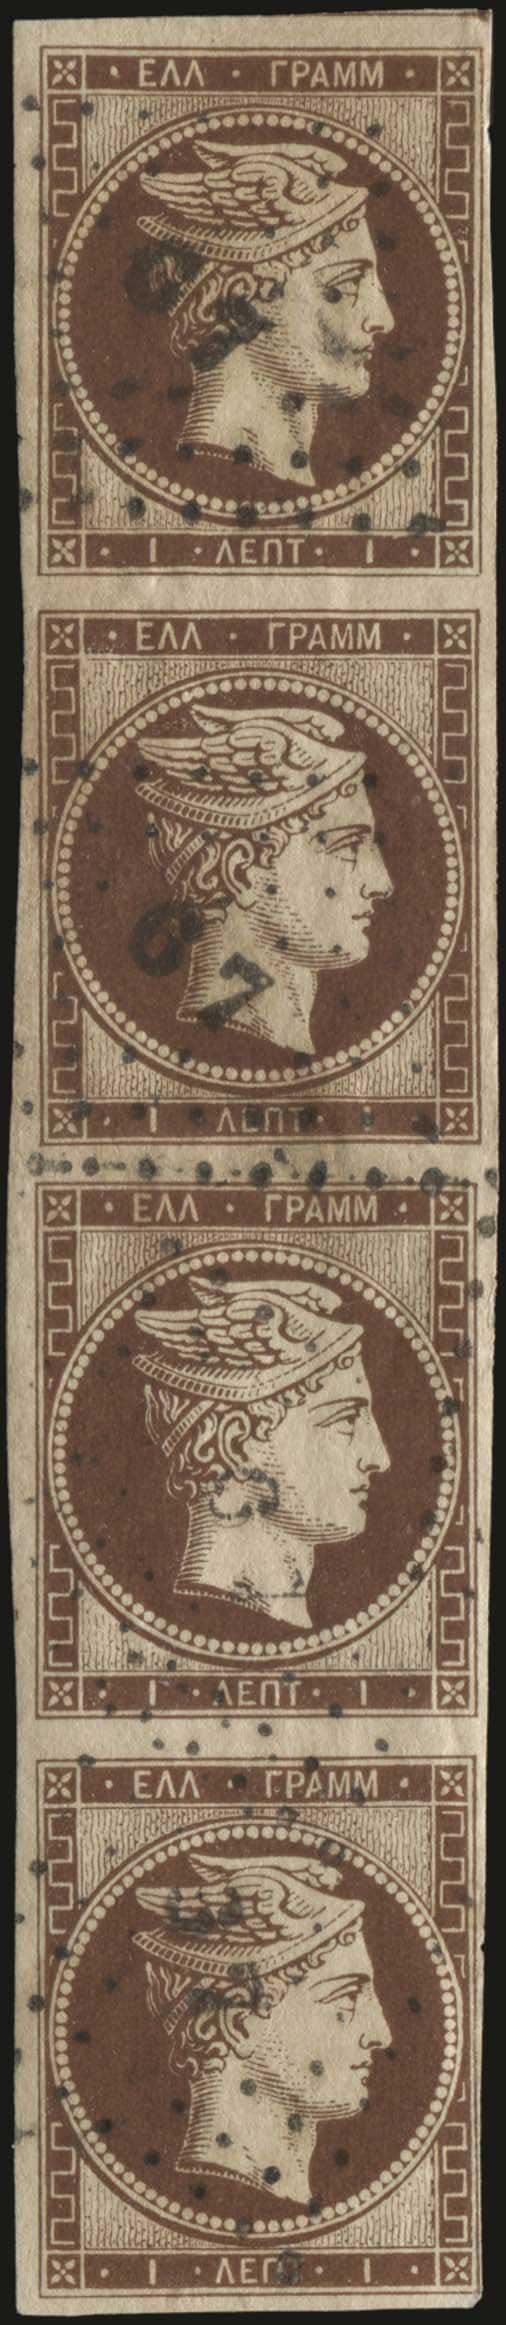 Lot 8 - GREECE-  LARGE HERMES HEAD 1861 paris print -  A. Karamitsos Public Auction 630 General Stamp Sale